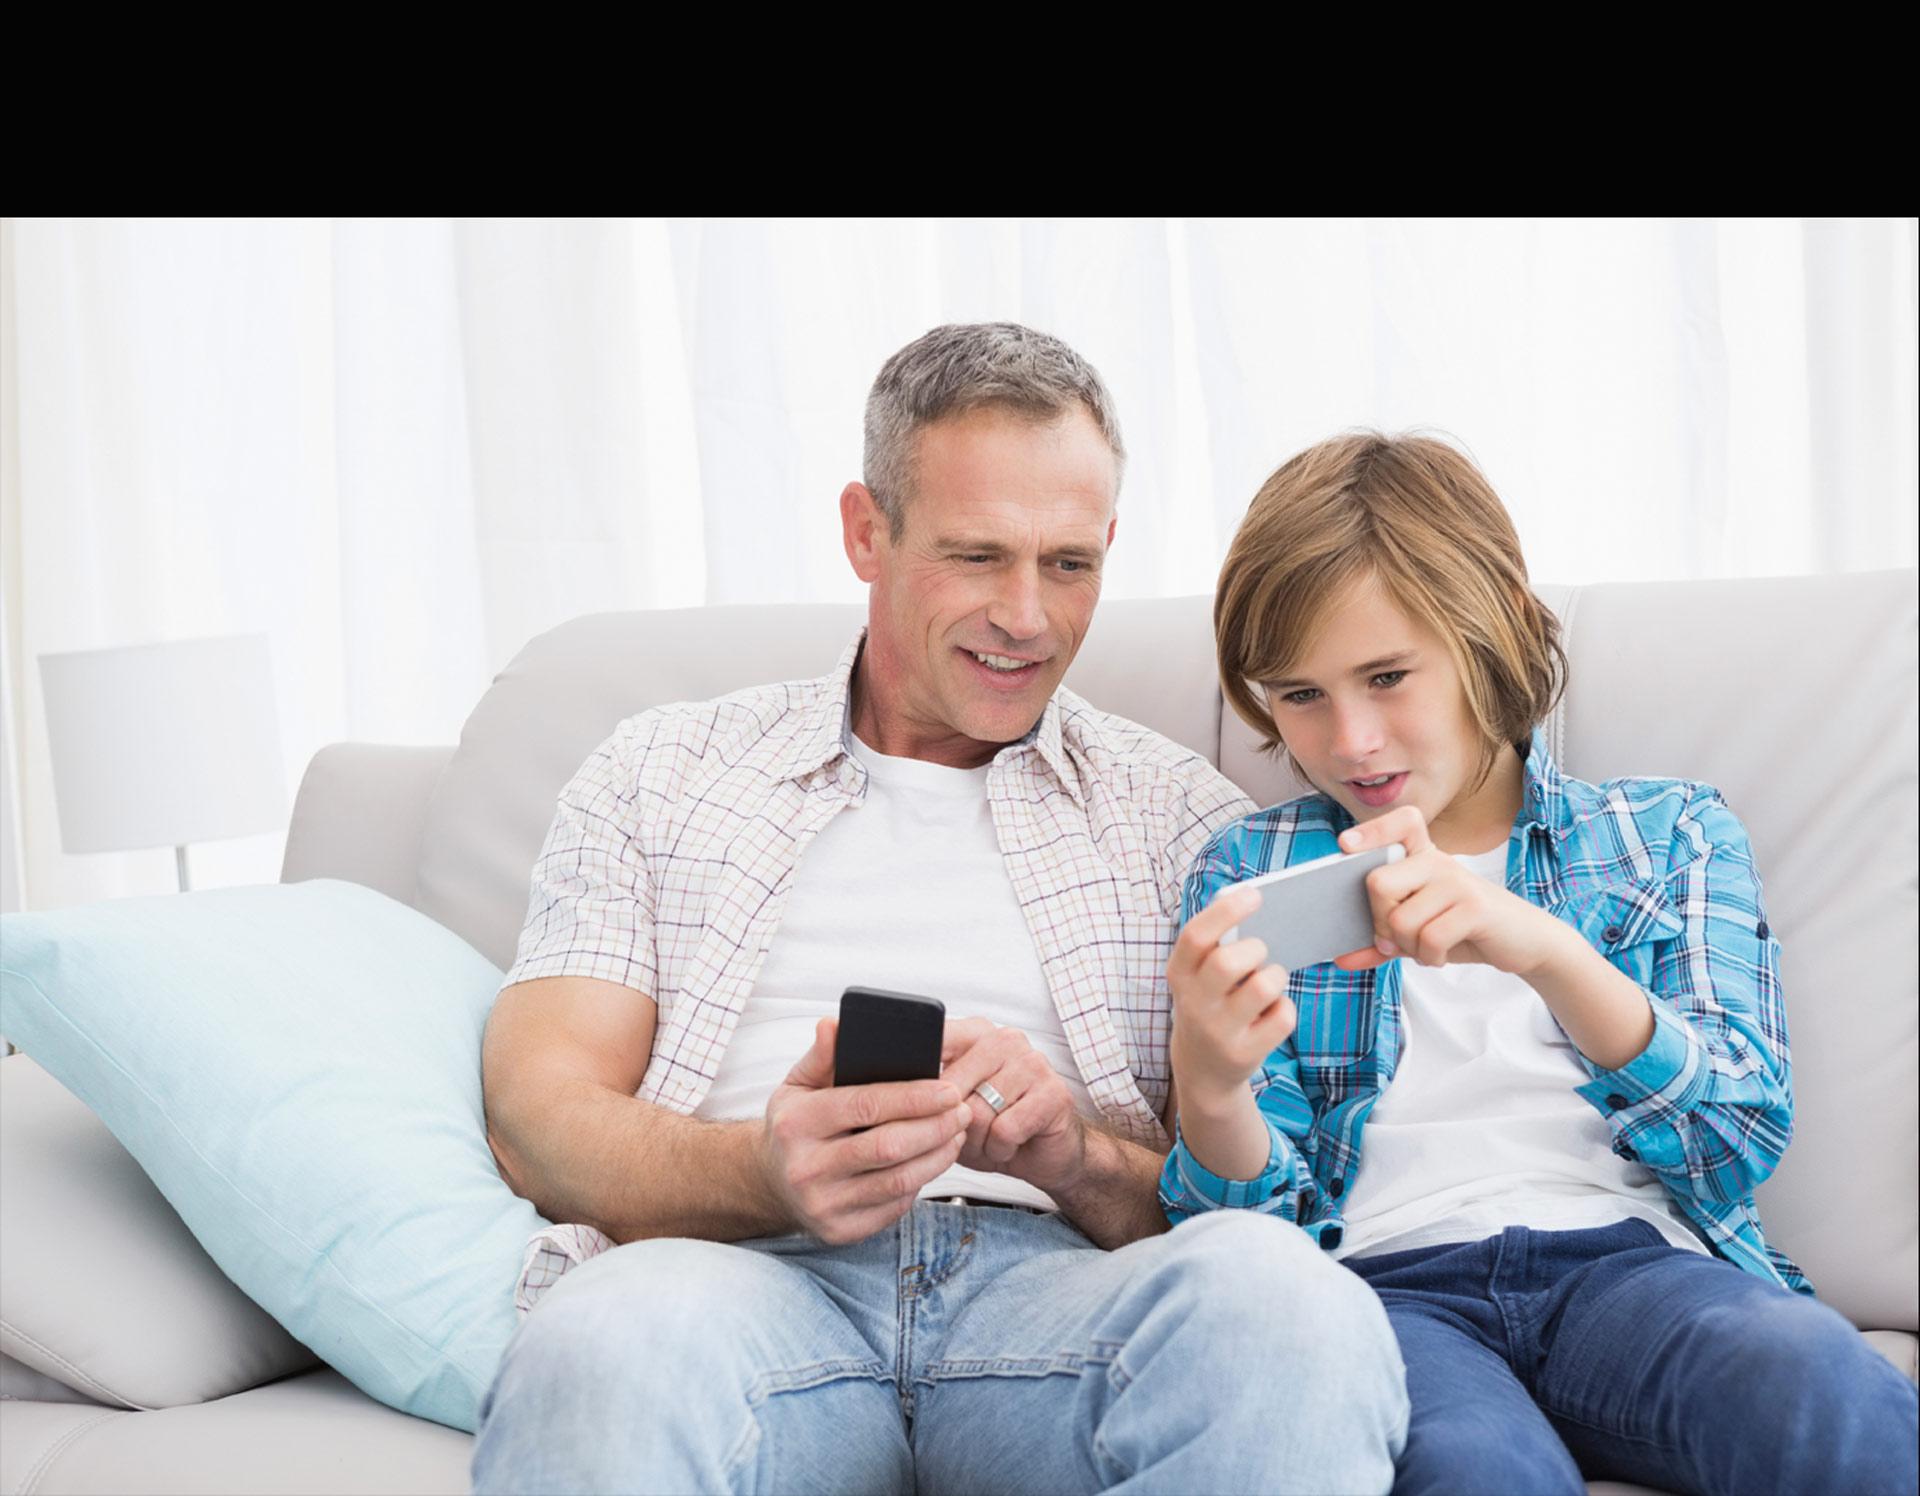 Los adolescentes suelen estar pegados al móvil. Por eso es necesario que aprendan a emplearlo de la mejor manera